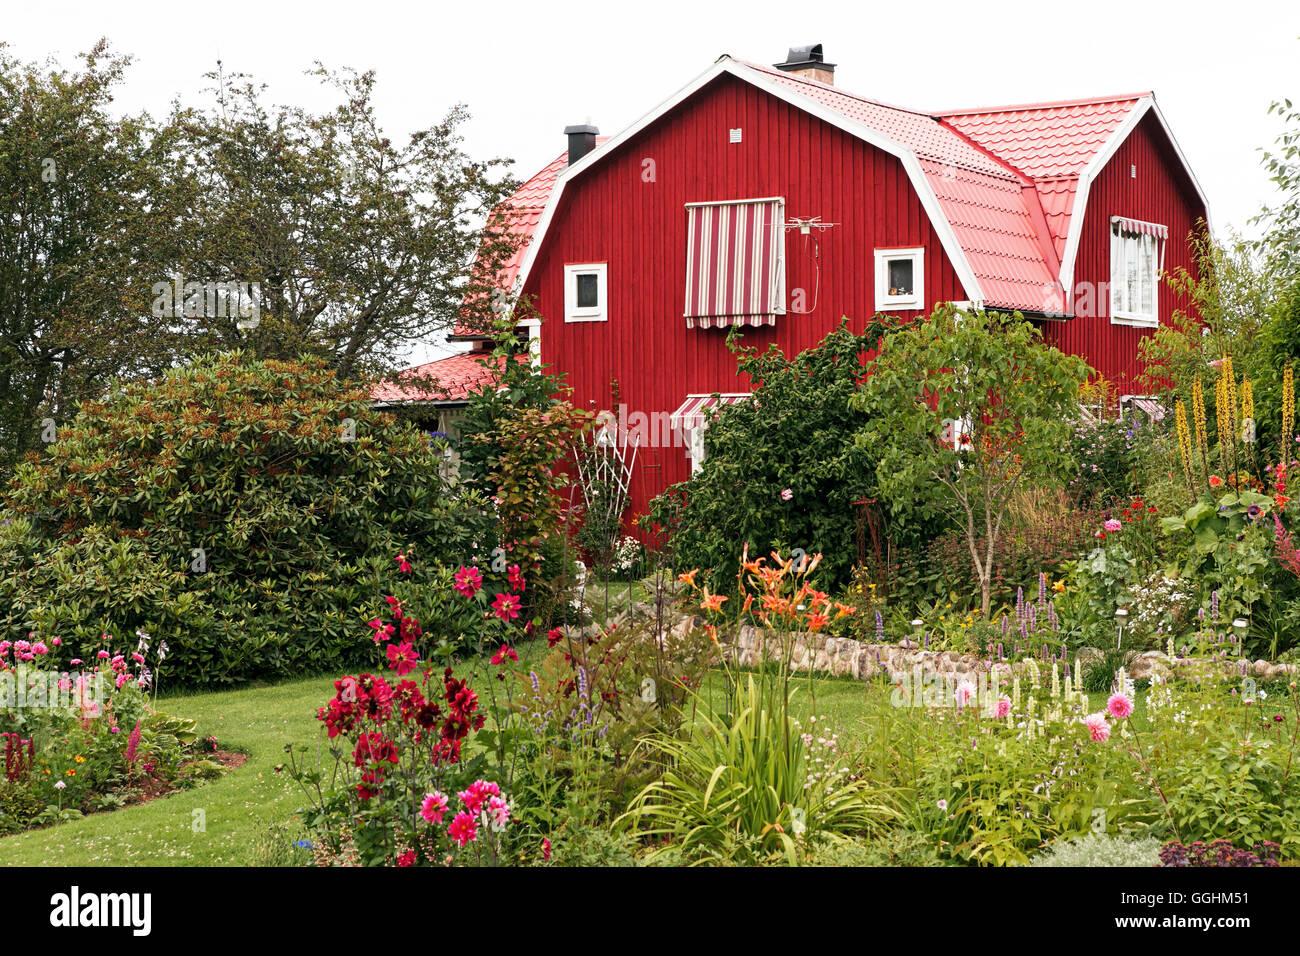 Giardino e tipica casa nei pressi di Borensberg, Svezia Immagini Stock